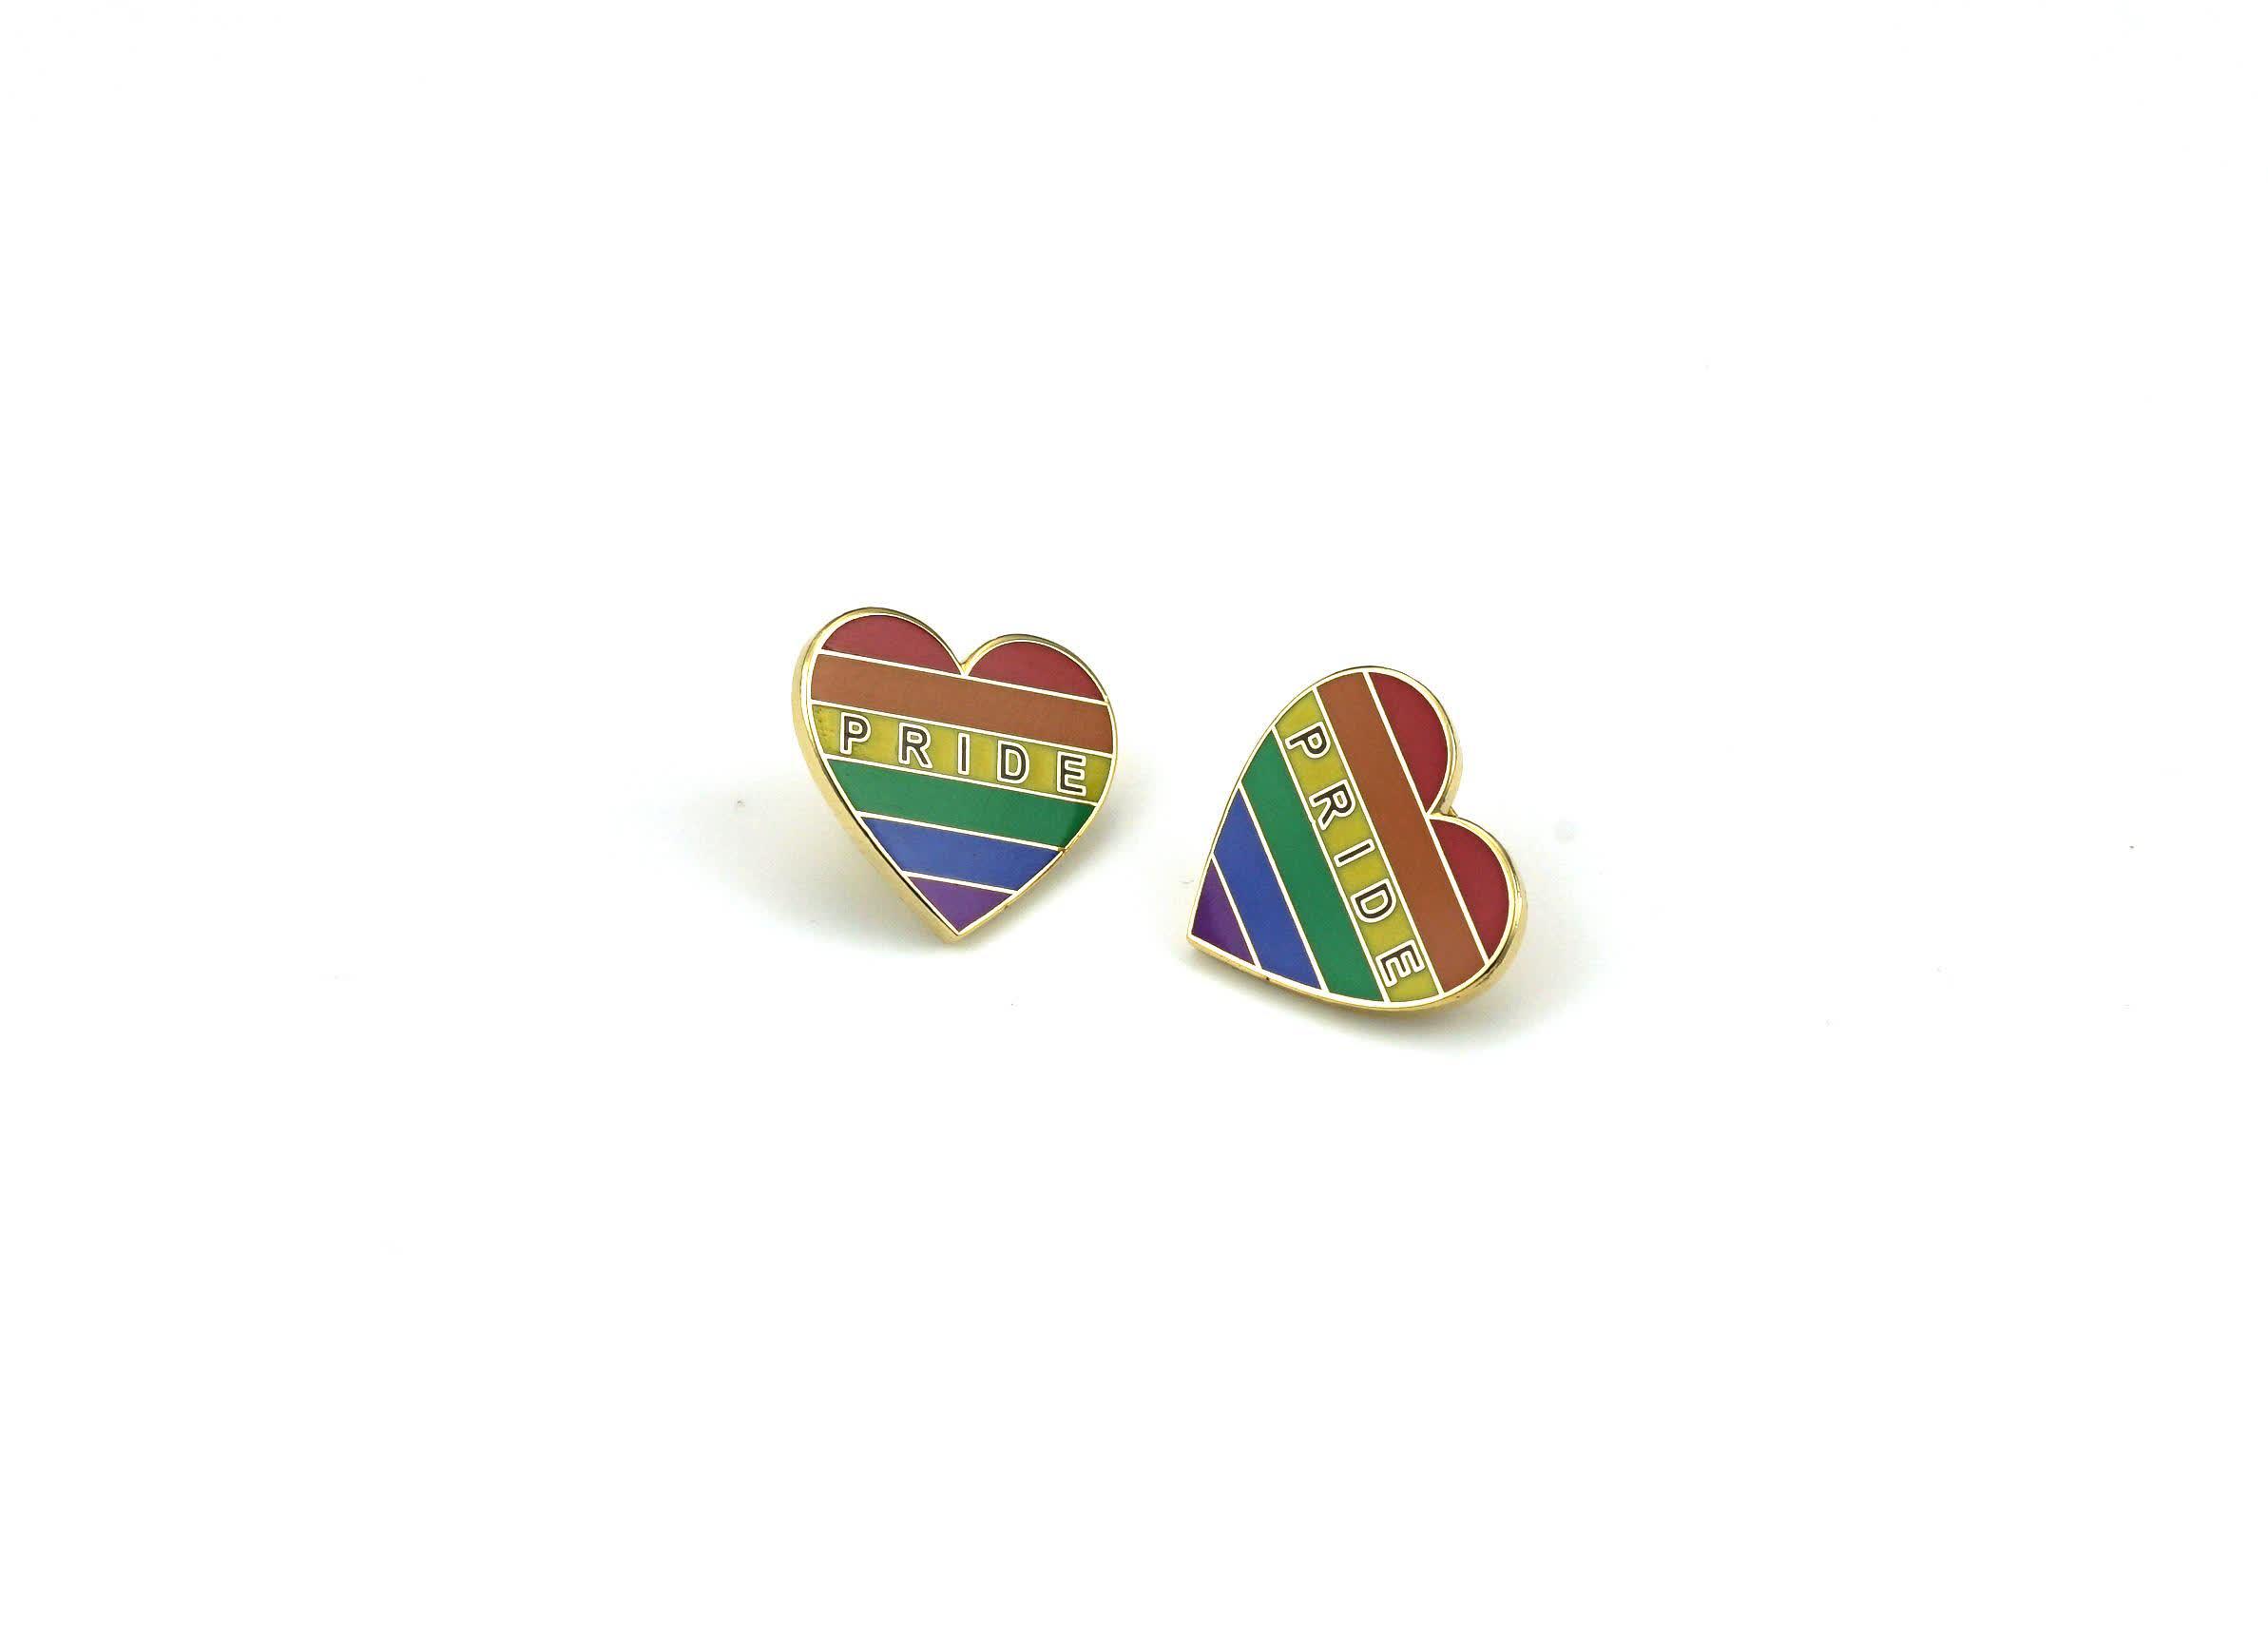 ที่กำหนดเองรูปหัวใจเรนโบว์นำฟรีทองเหลืองเคลือบตรา Pin ปกสำหรับเกย์ภูมิใจเหตุการณ์